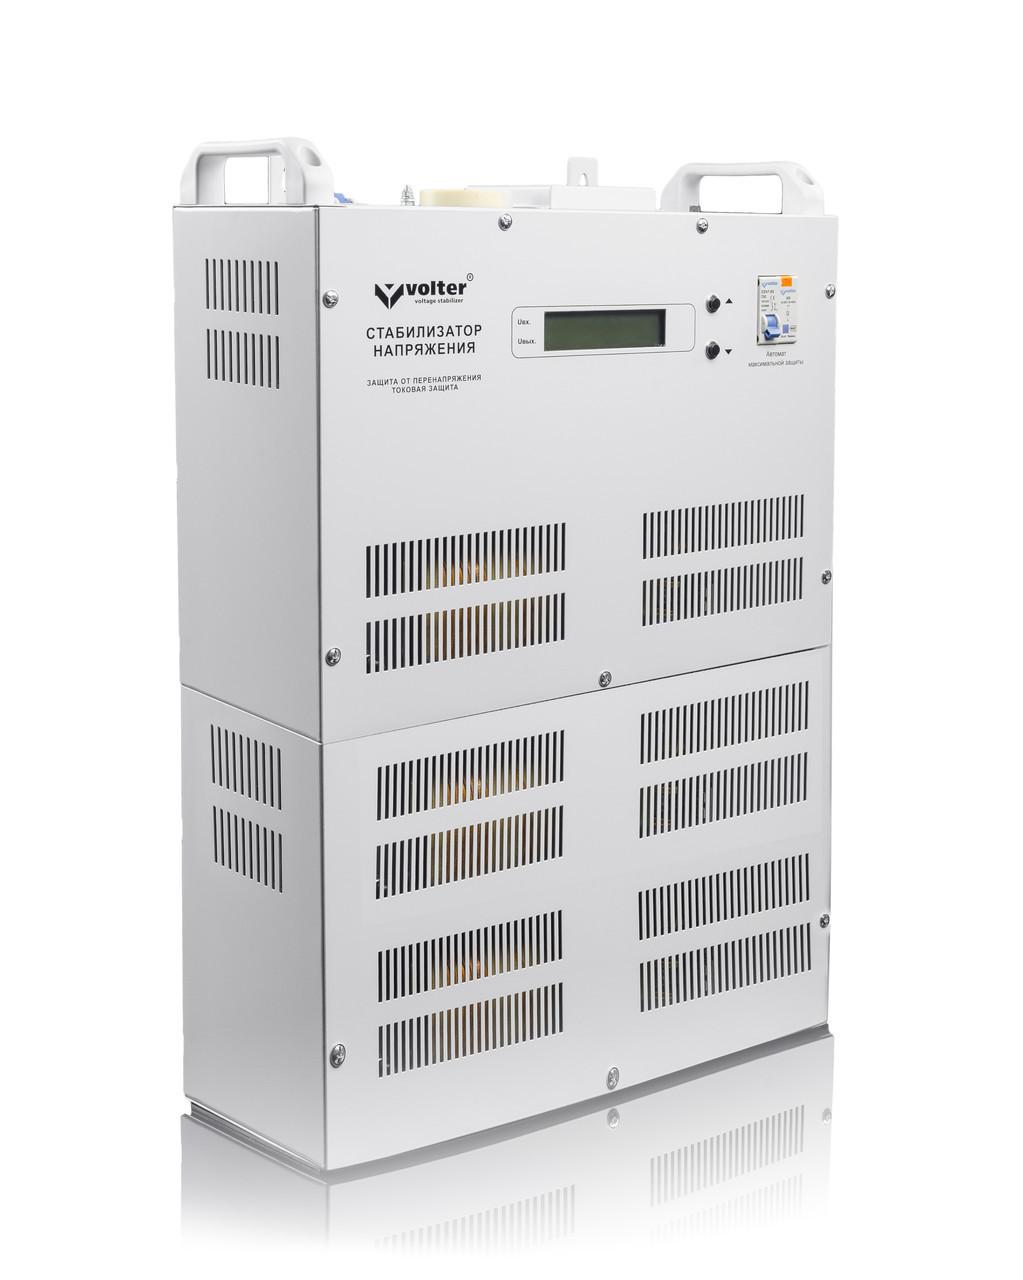 Трехфазный симисторный стабилизатор напряжения Volter-18 птш